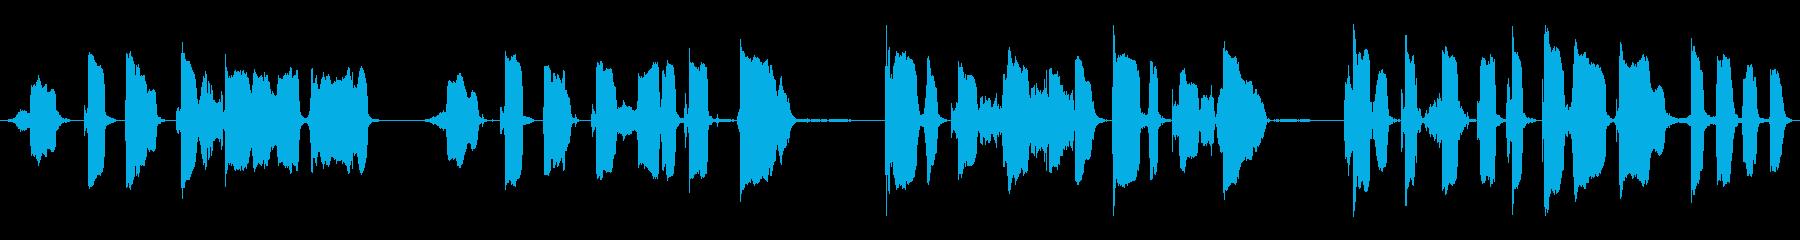 リトル・レッド・モンスター:ハンプ...の再生済みの波形